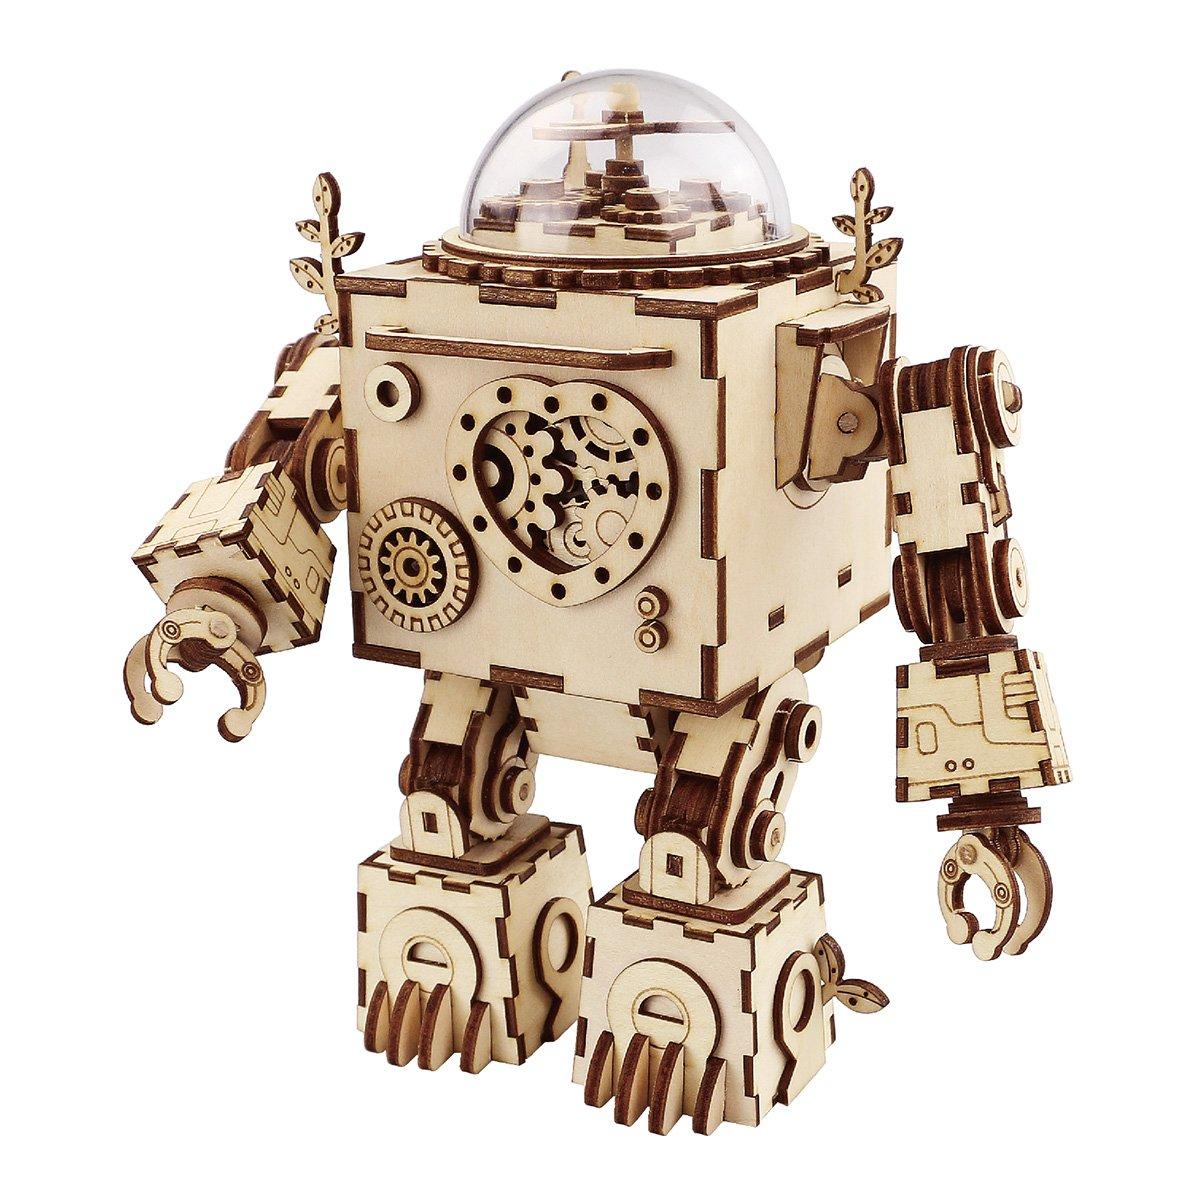 ROBOTIME Puzzle Music Wooden Machinarium